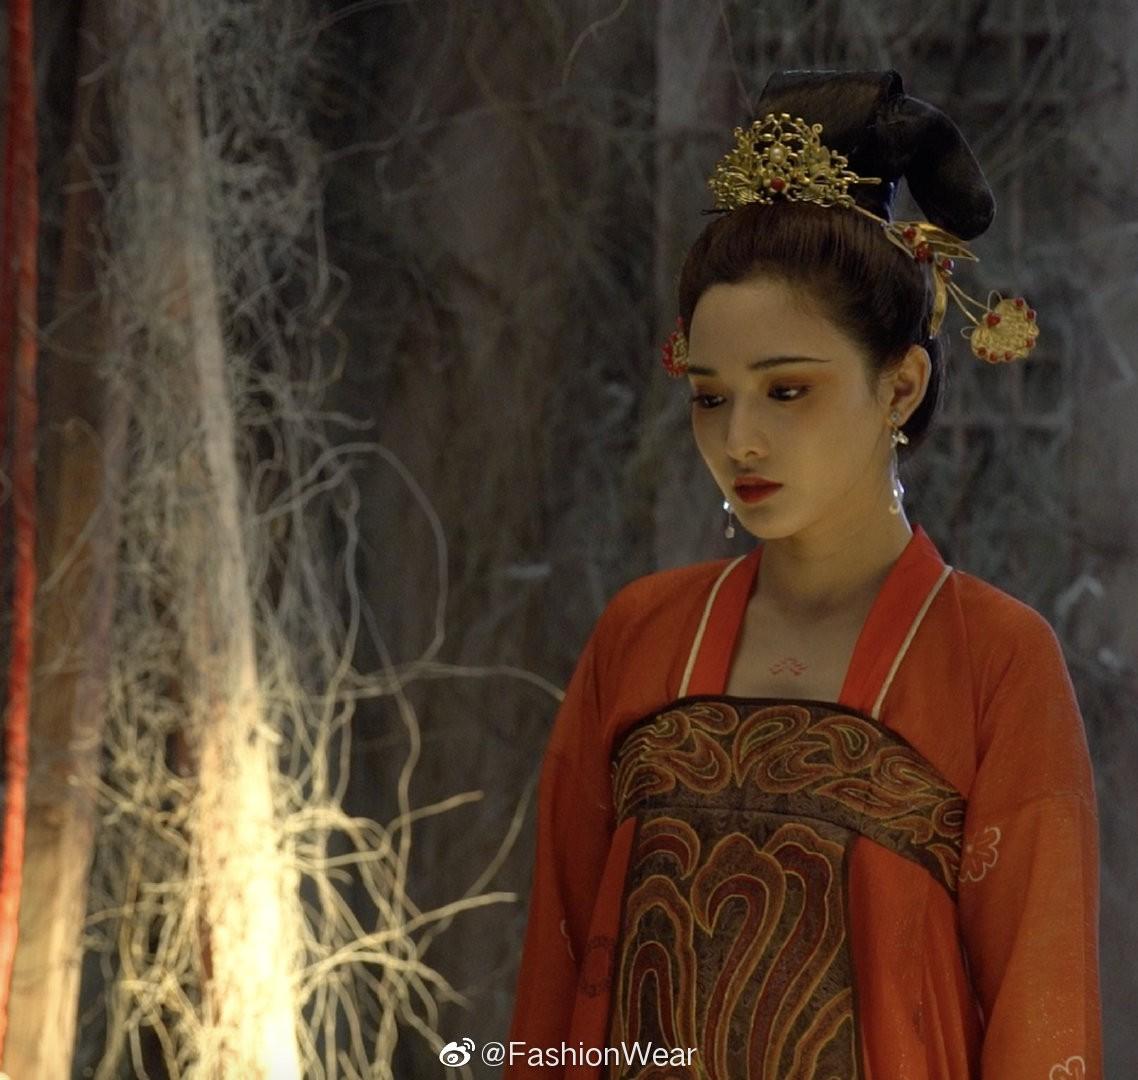 VZN News: Gà cưng của Phạm Băng Băng - Bành Tiểu Nhiễm được khen vì màn hoá thân Yêu Miêu không thua đàn chị! - Ảnh 1.